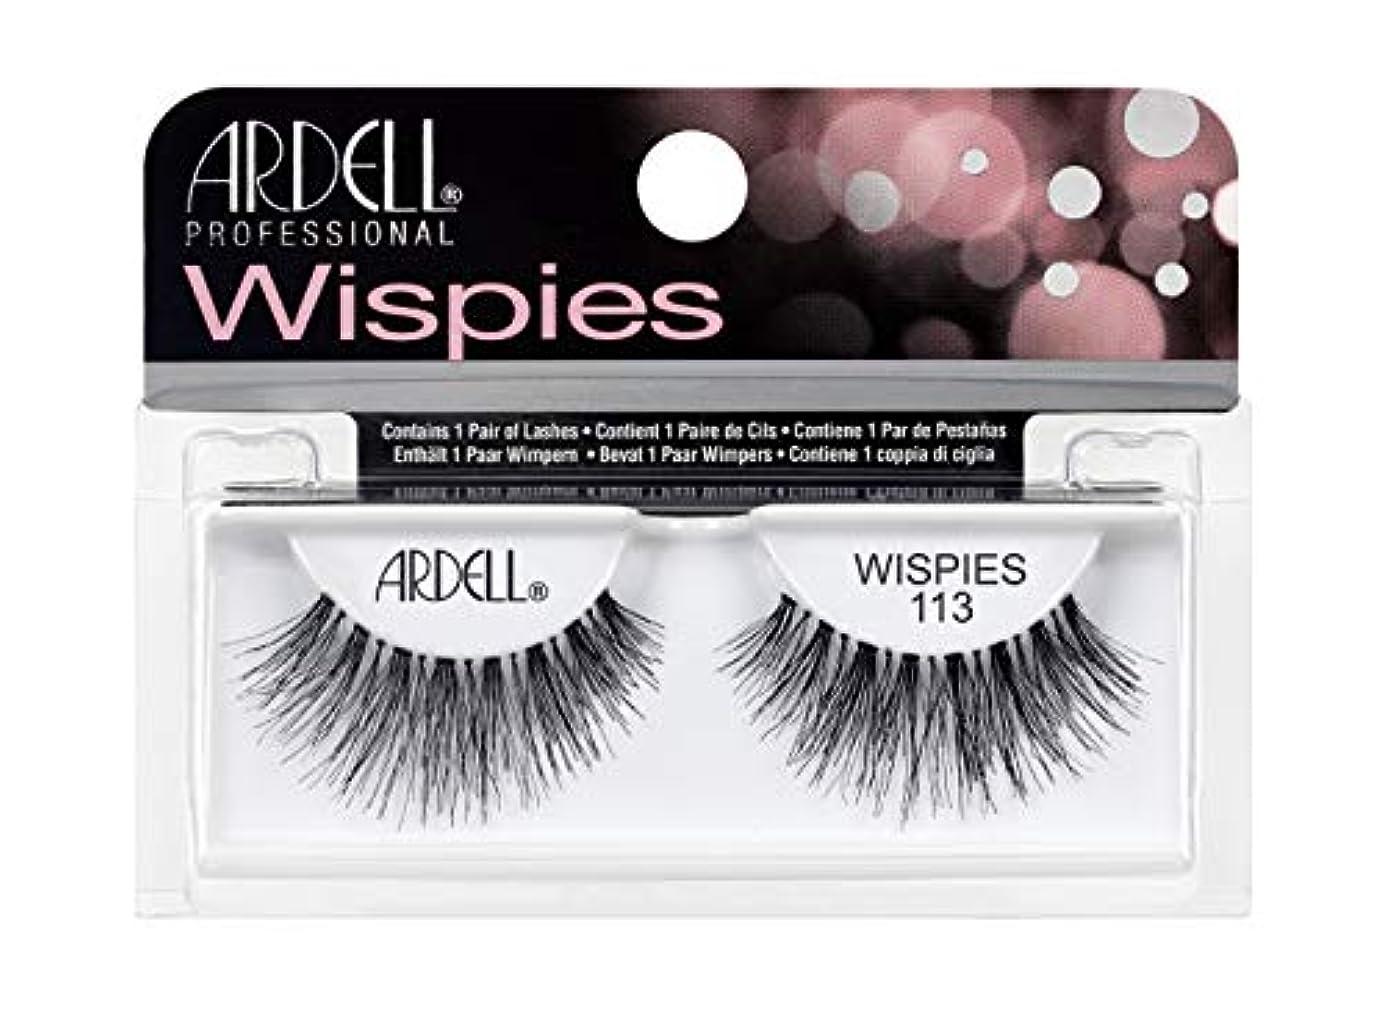 赤道昆虫を見る拡張Ardell Glamour Lashes Women's Eyelashes, No. 113 Black by Ardell